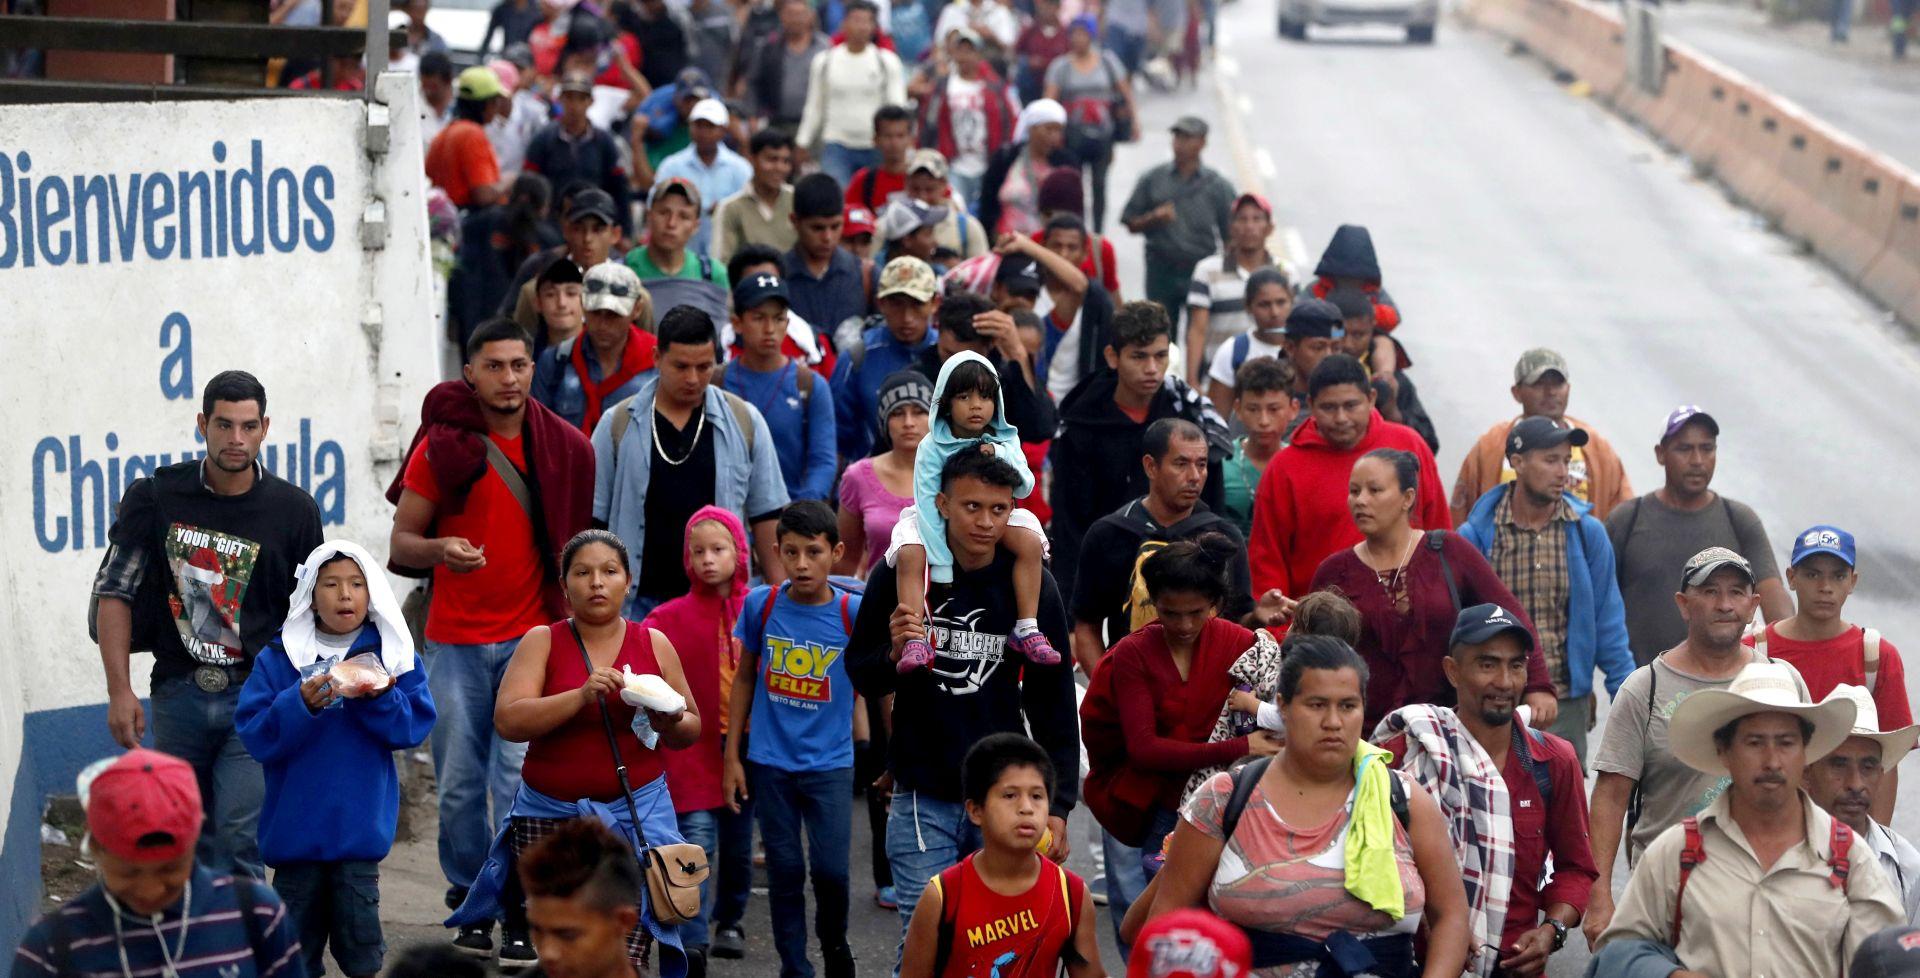 Druga migrantska karavana u Gvatemali uputila se prema Meksiku